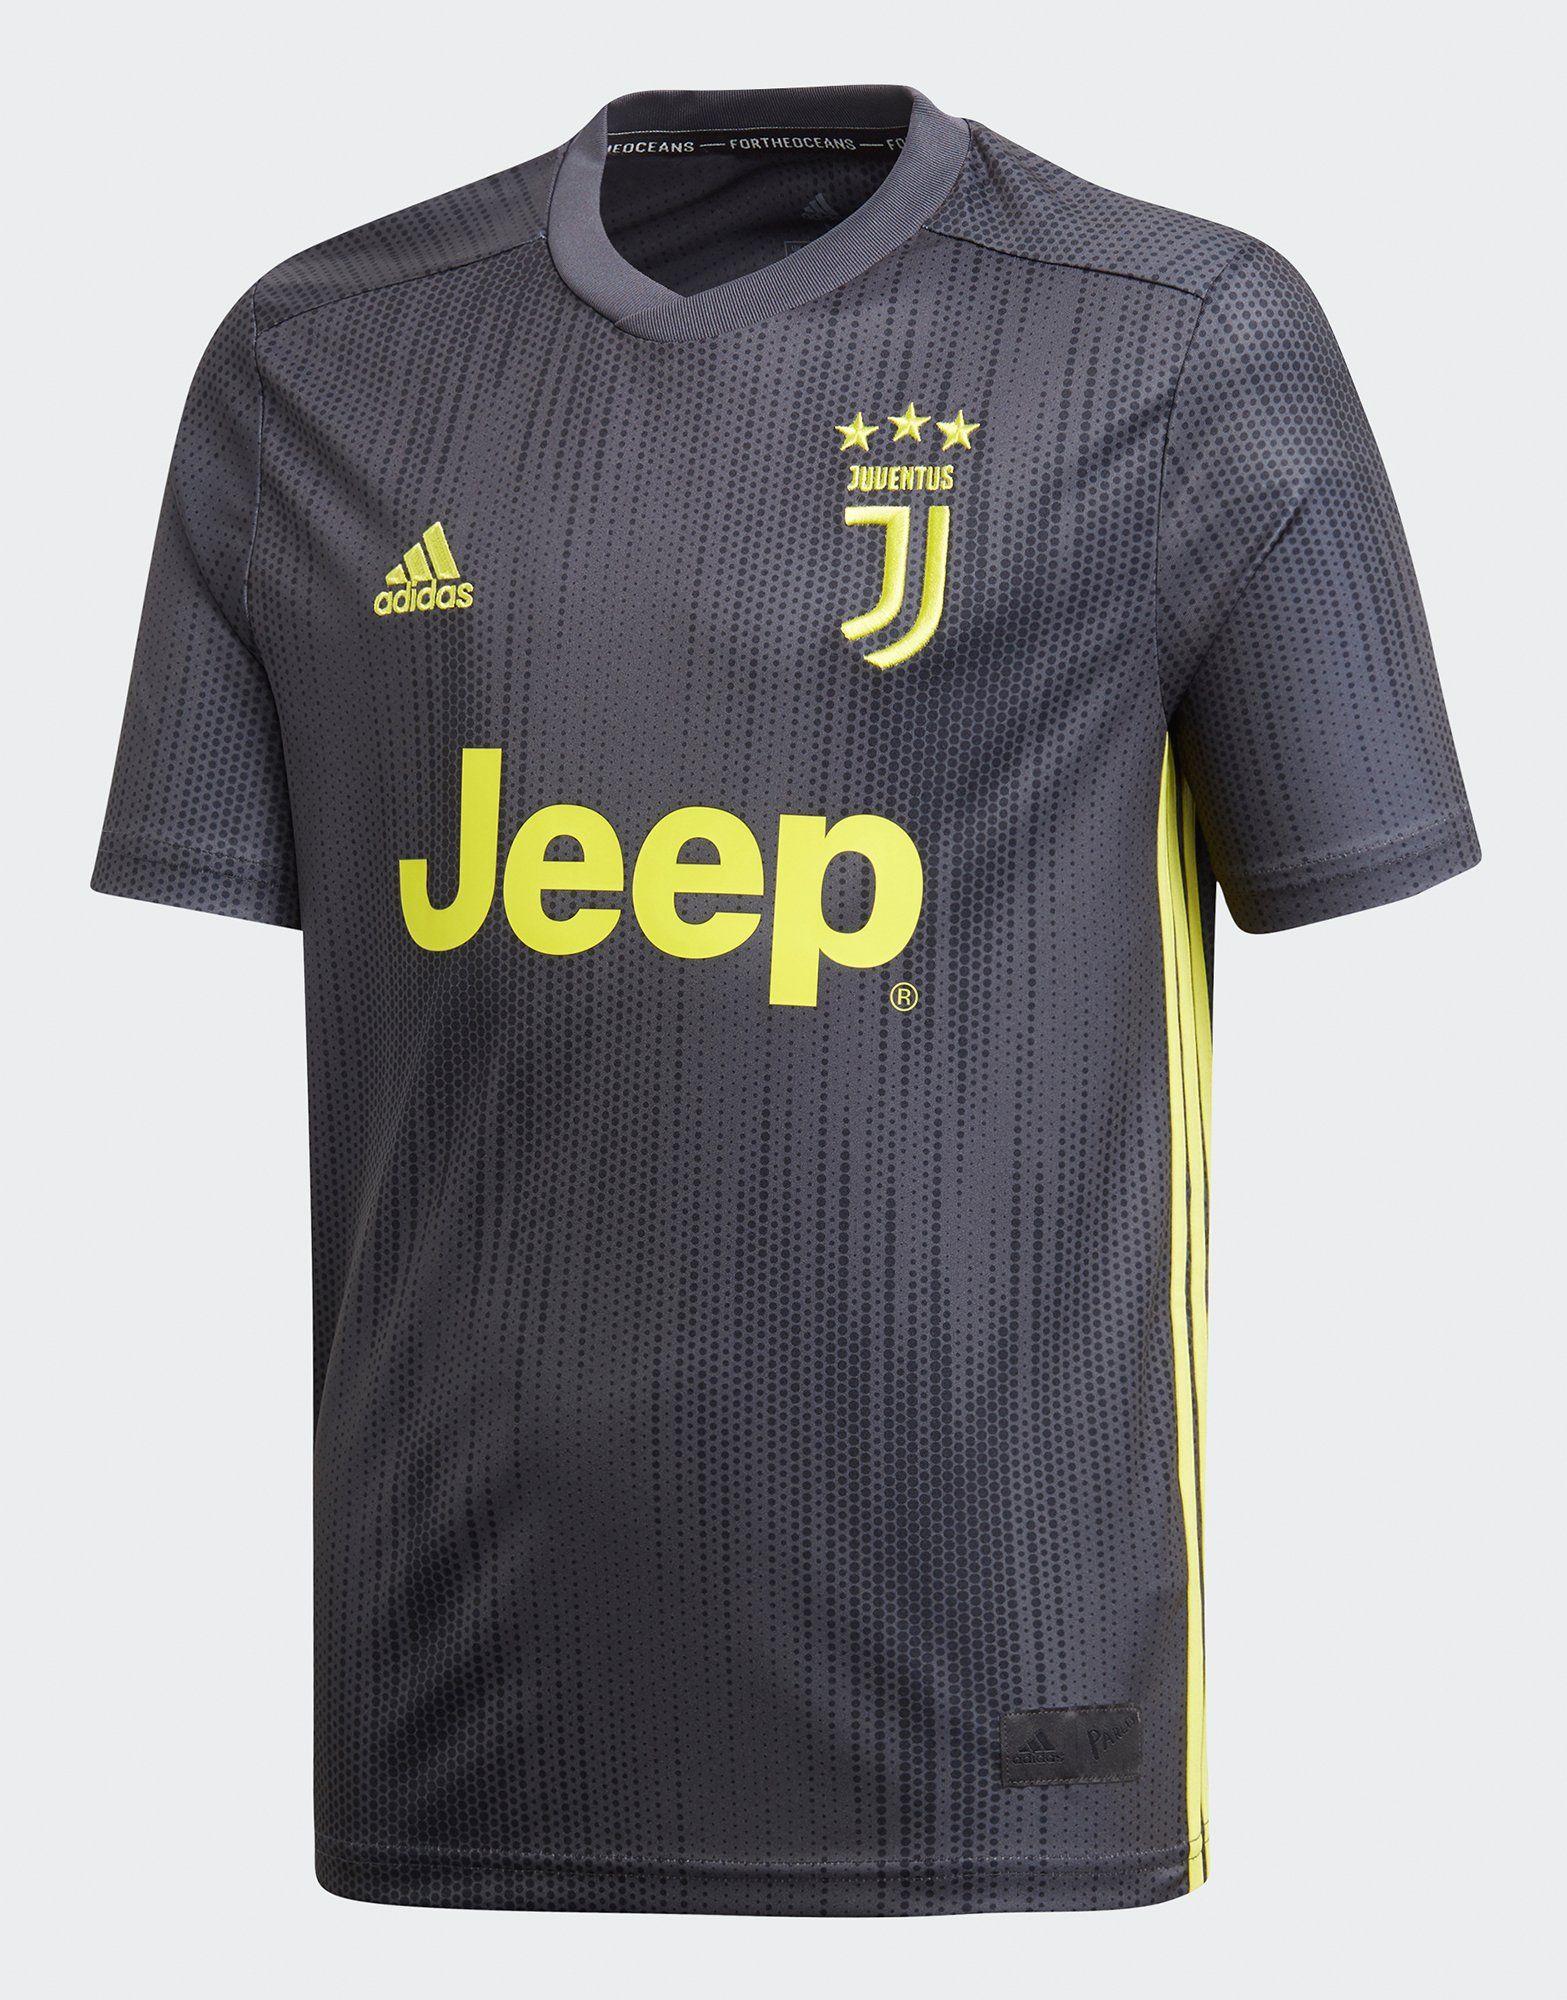 Adidas Pre 19, - Juventus 2018 / 19, Pre Terza Maglia Terza Pre - Ordinazione 08d091